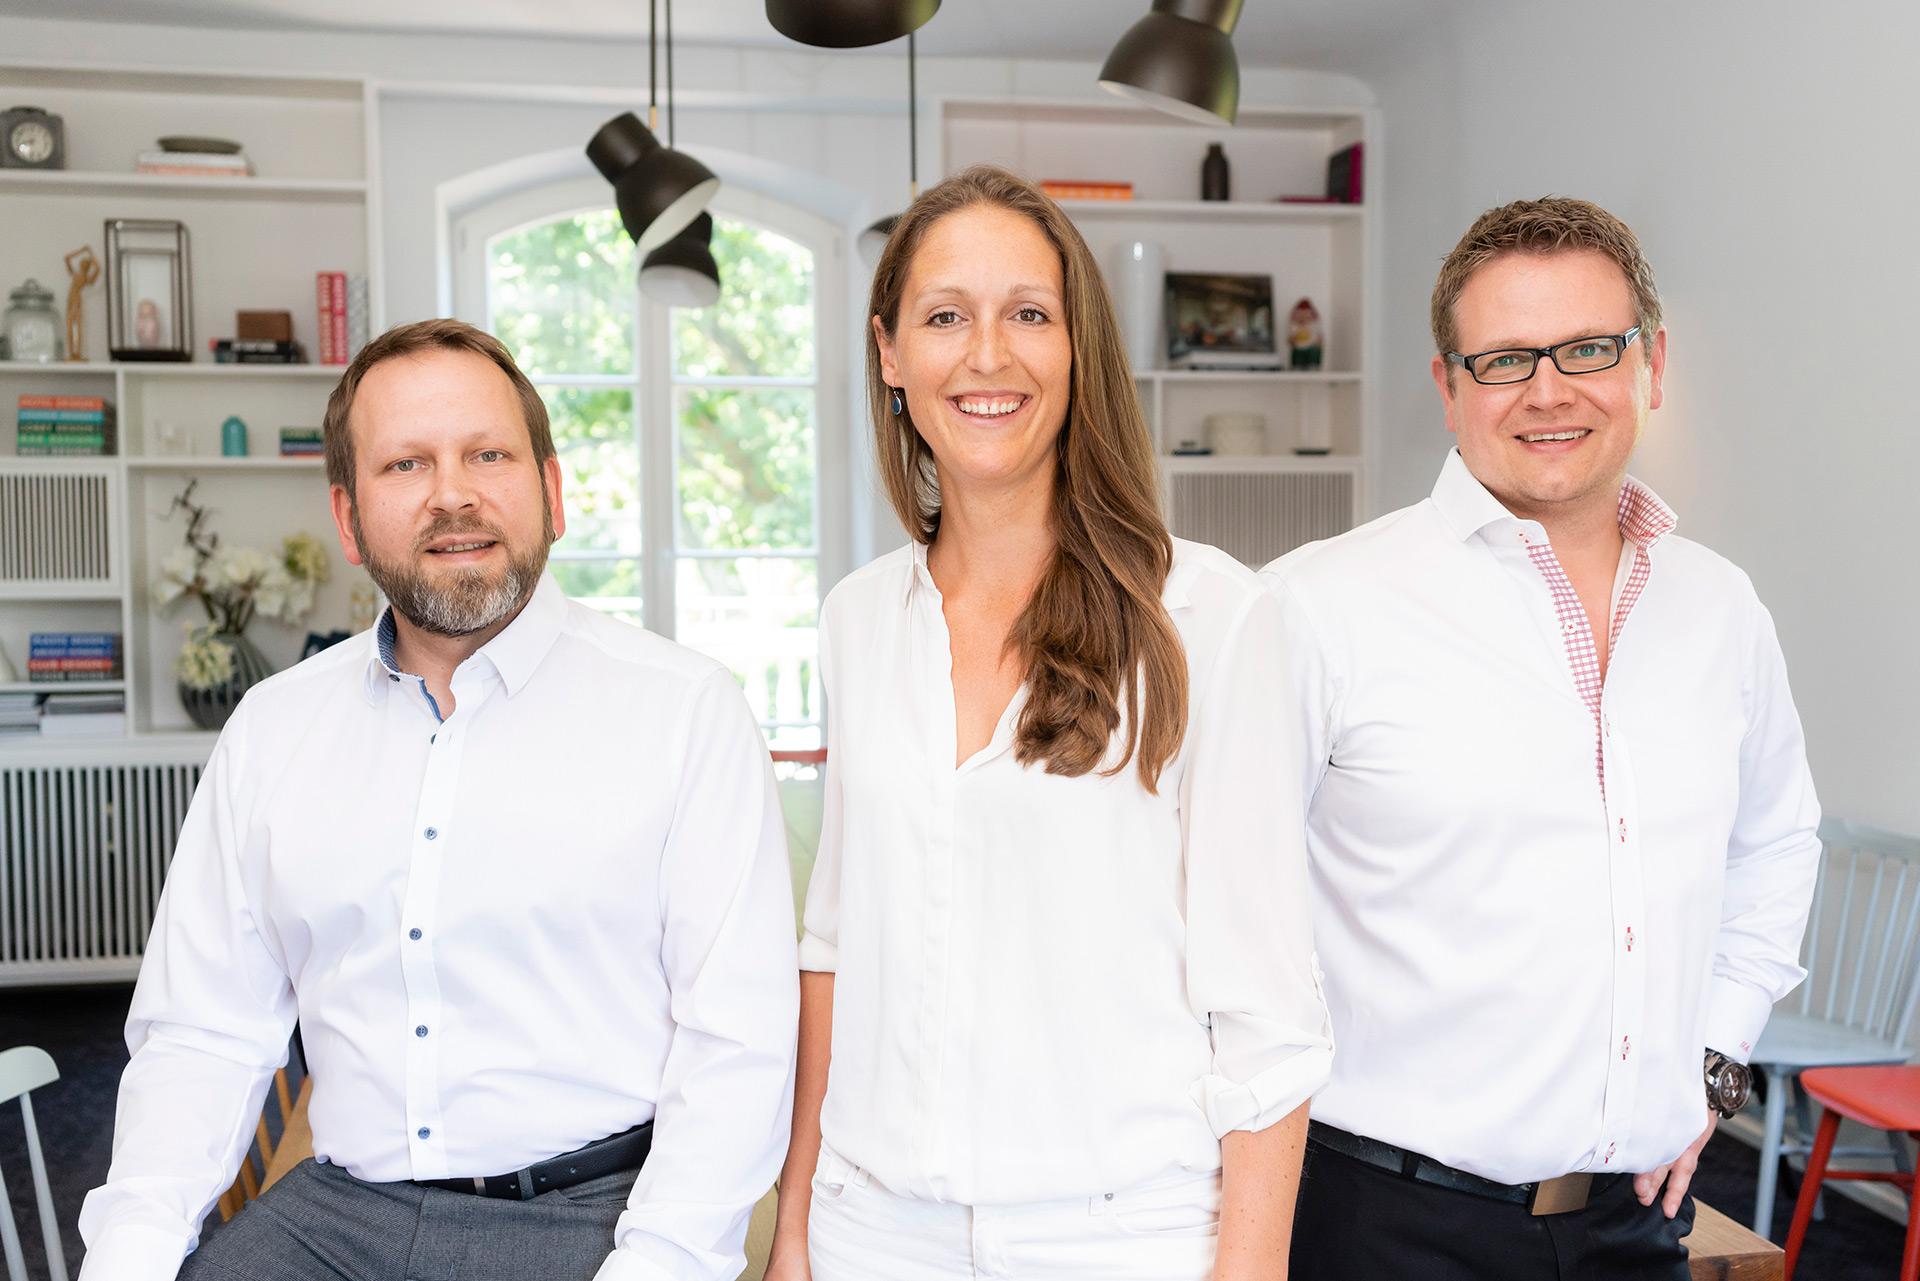 Heinrich Böhm, Sabrina Voecks und Thomas Scholz von JOI-Design.